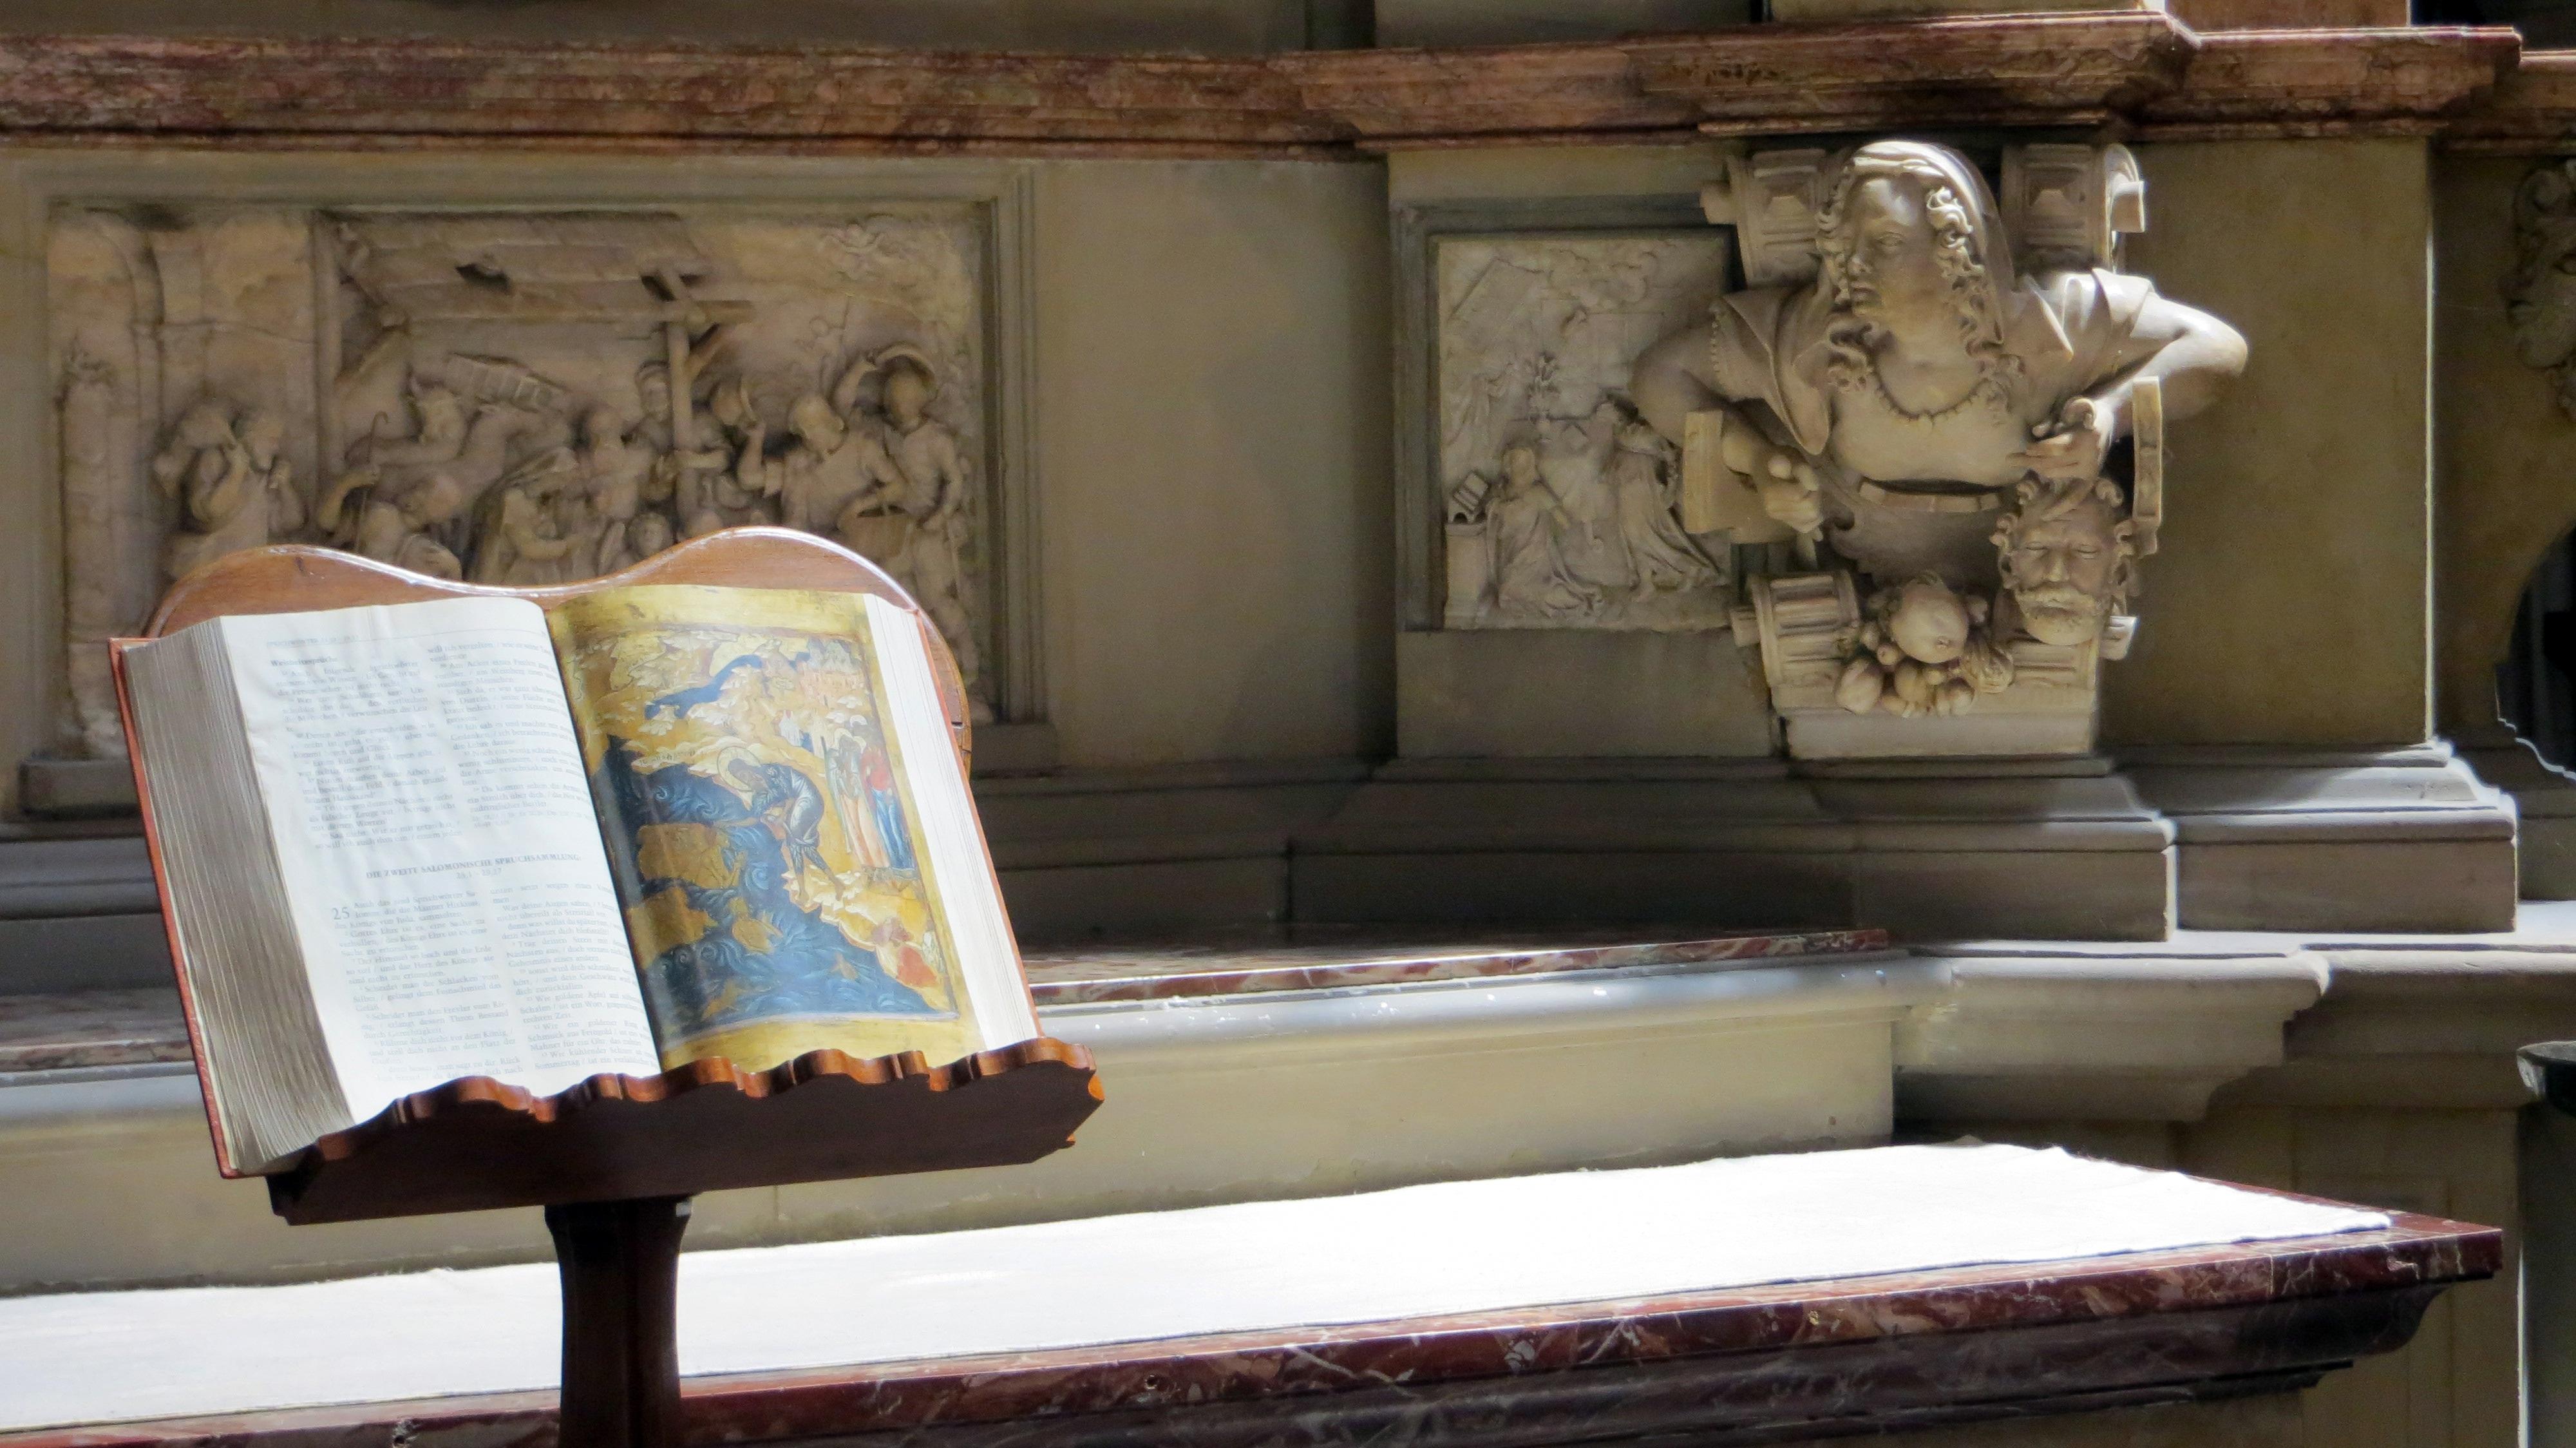 Gratis afbeeldingen hout muur lezing museum kerk woonkamer meubilair kamer bijbel - Kamer schilderij ...